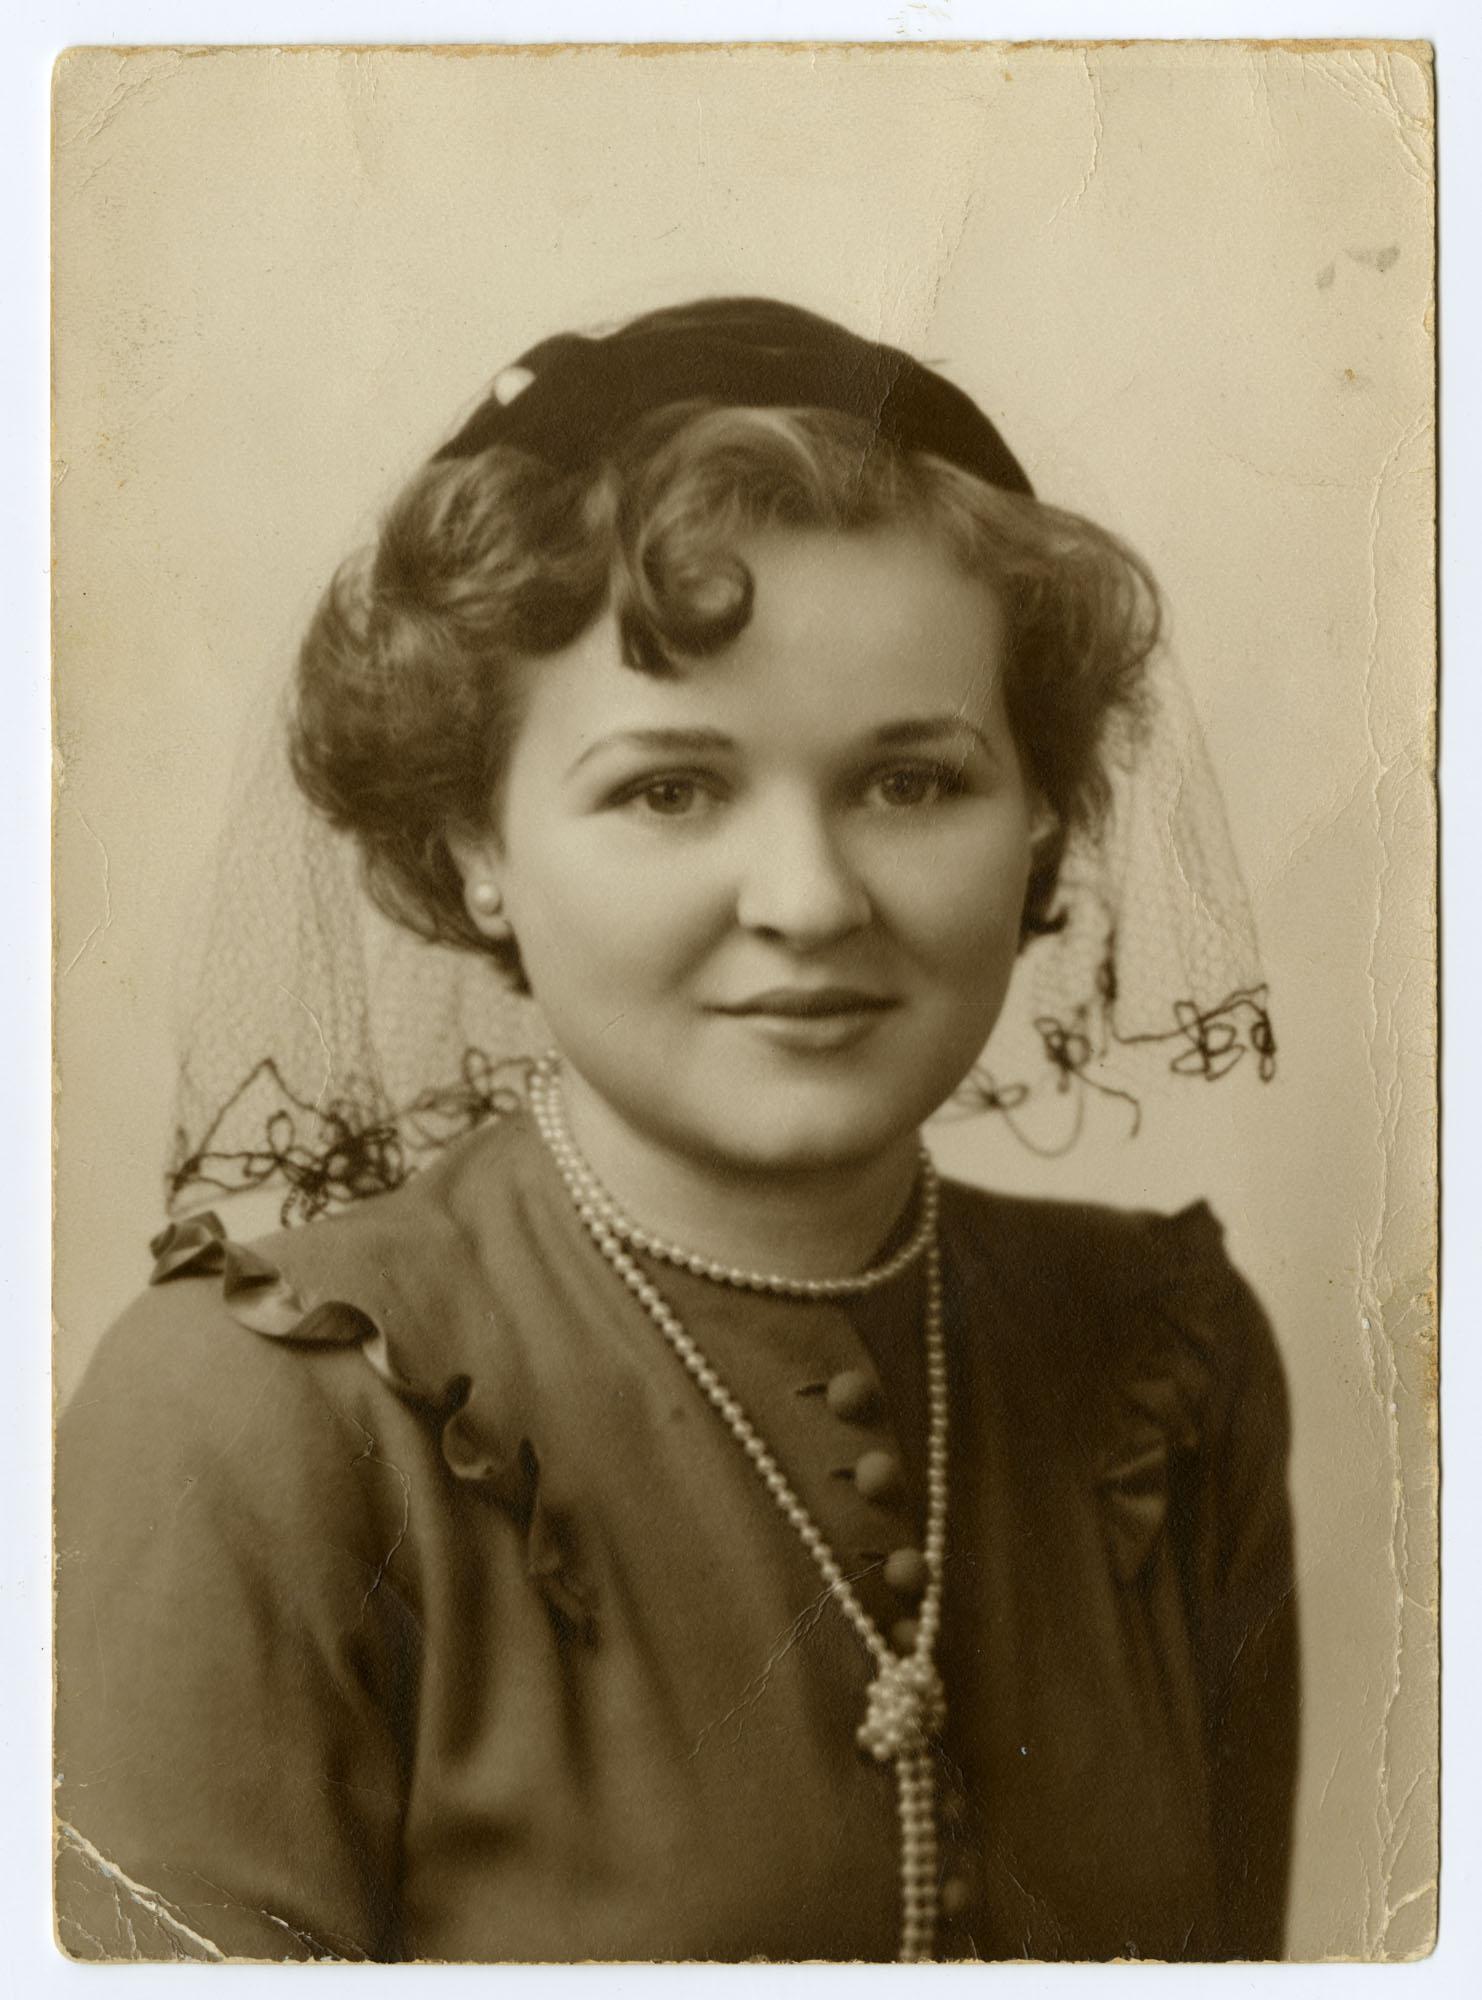 Francine Ajzensztark Taylor, 1950